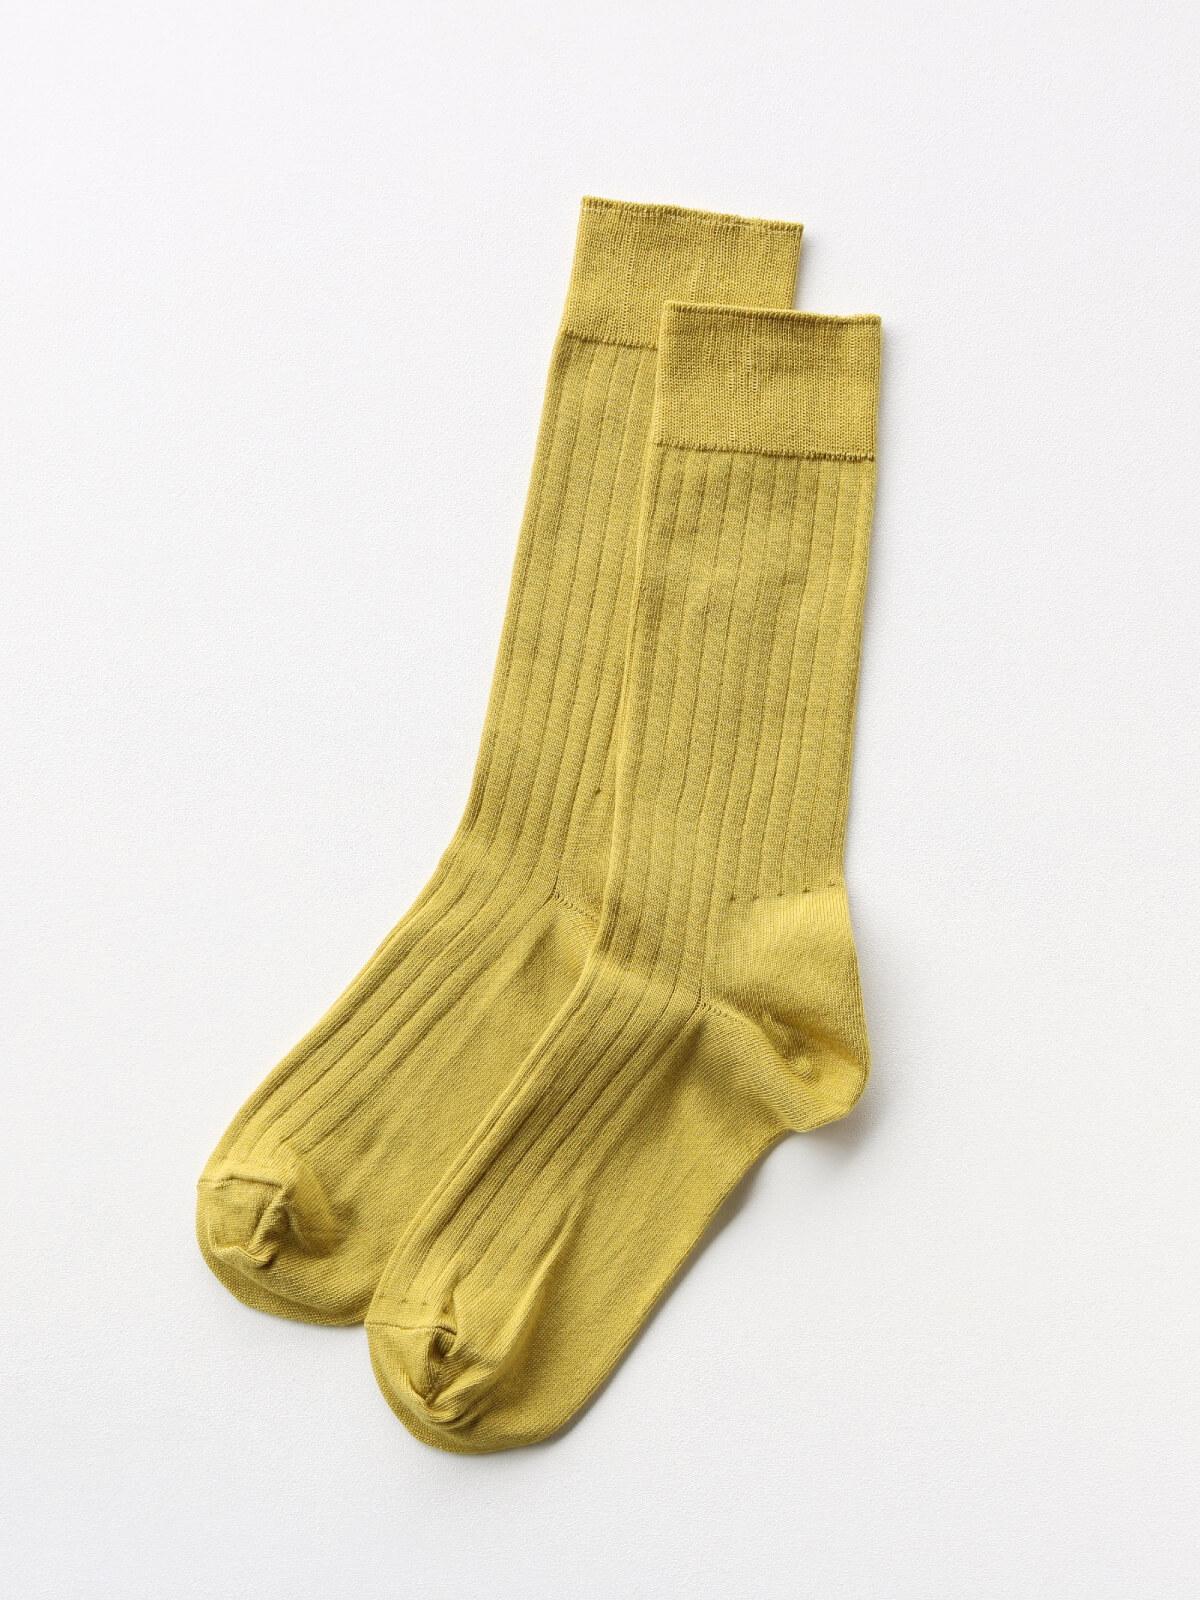 当たりつきギフト専用靴下のLUCKY SOCKS(ラッキーソックス)のLight Rib Socks(ライトリブソックス)のライムイエロー_2